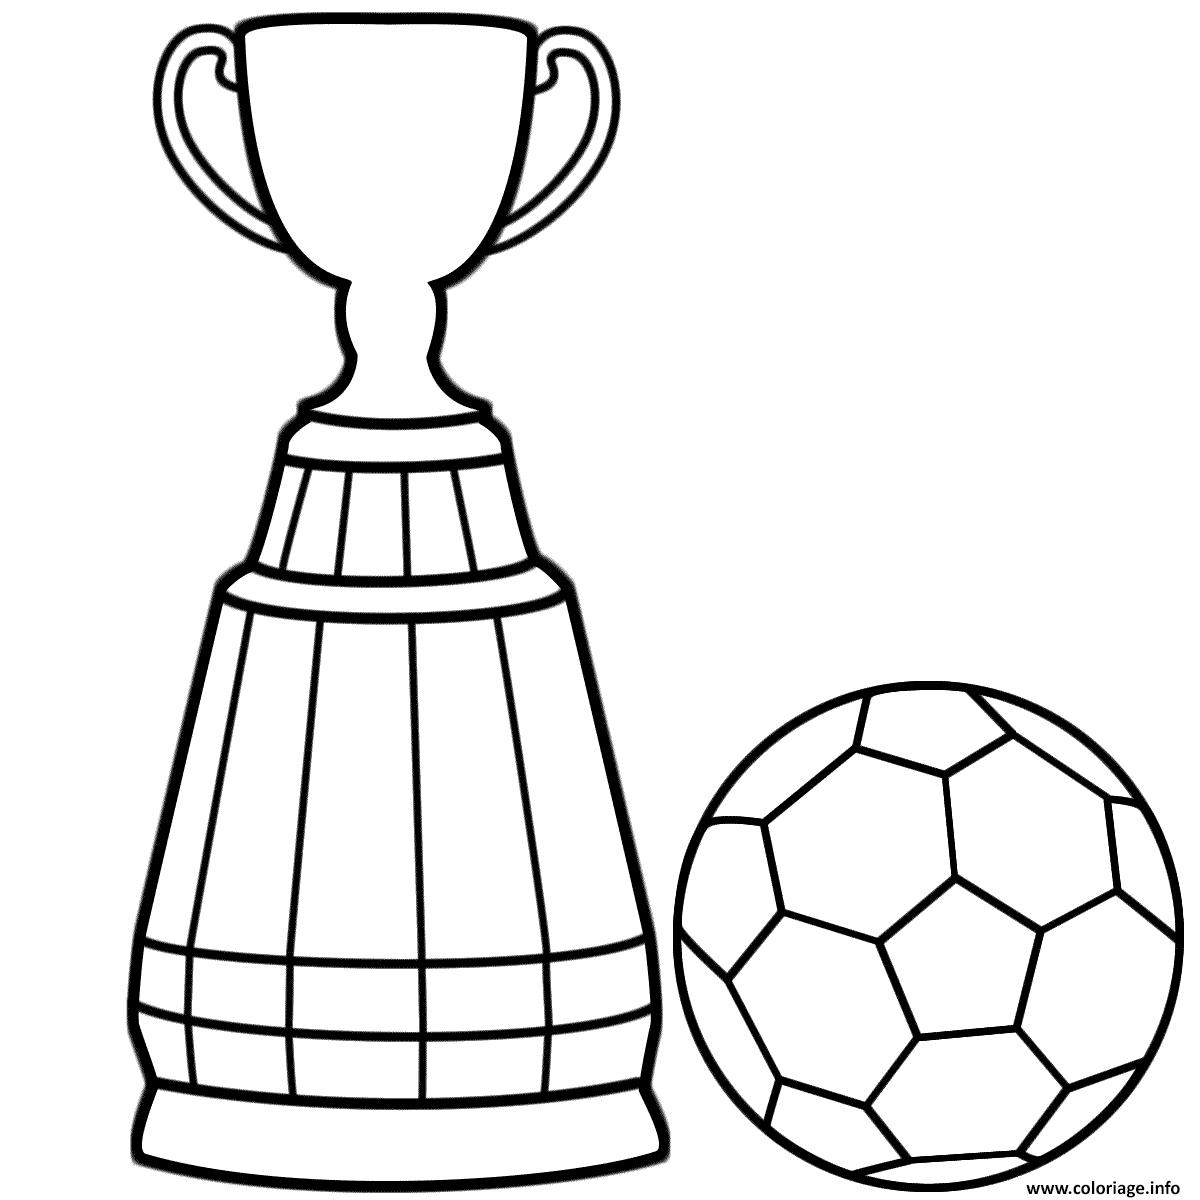 Dessin coupe de foot tournois Coloriage Gratuit à Imprimer